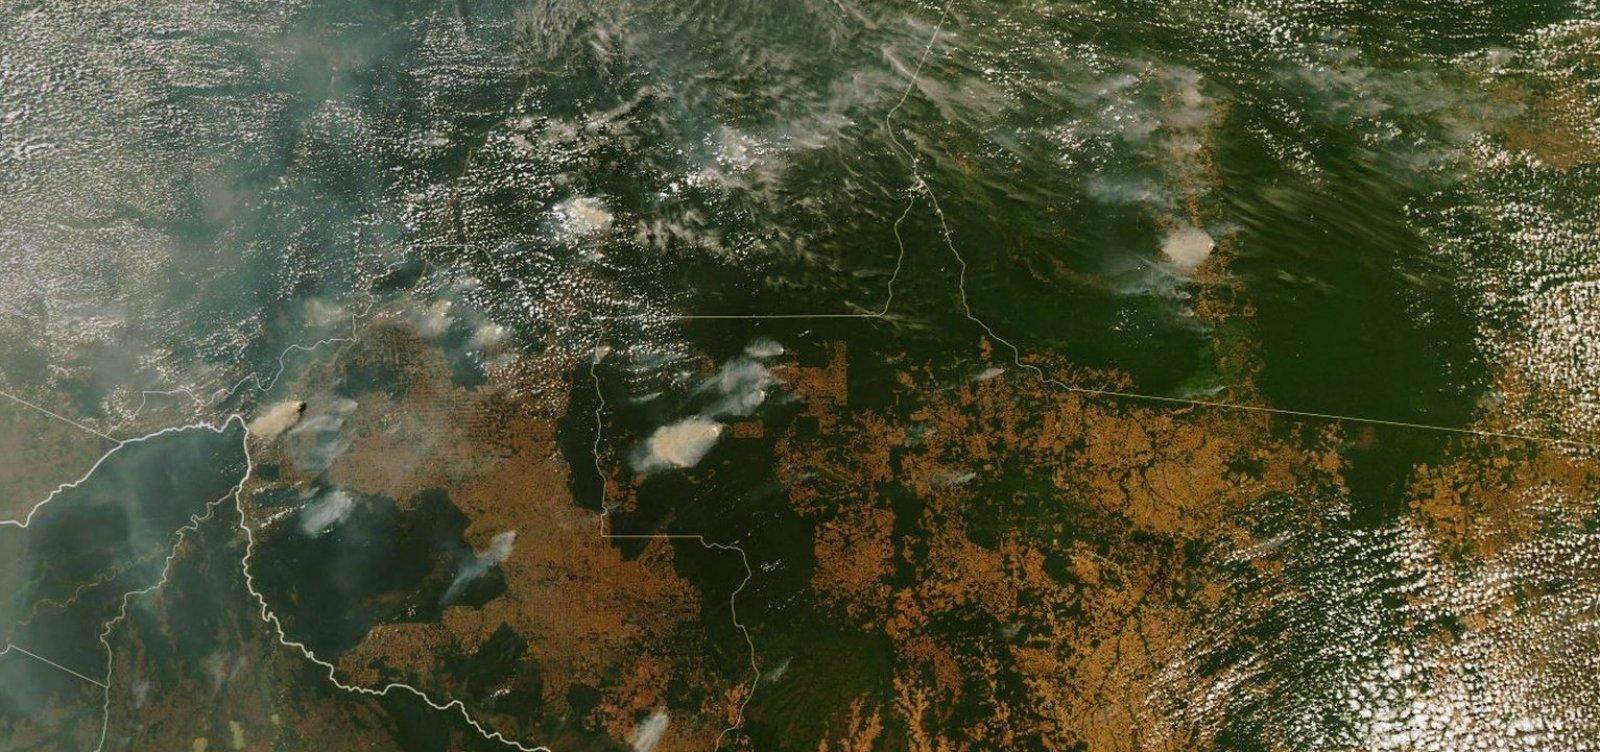 Desmatamento na Amazônia atinge maior patamar desde 2008